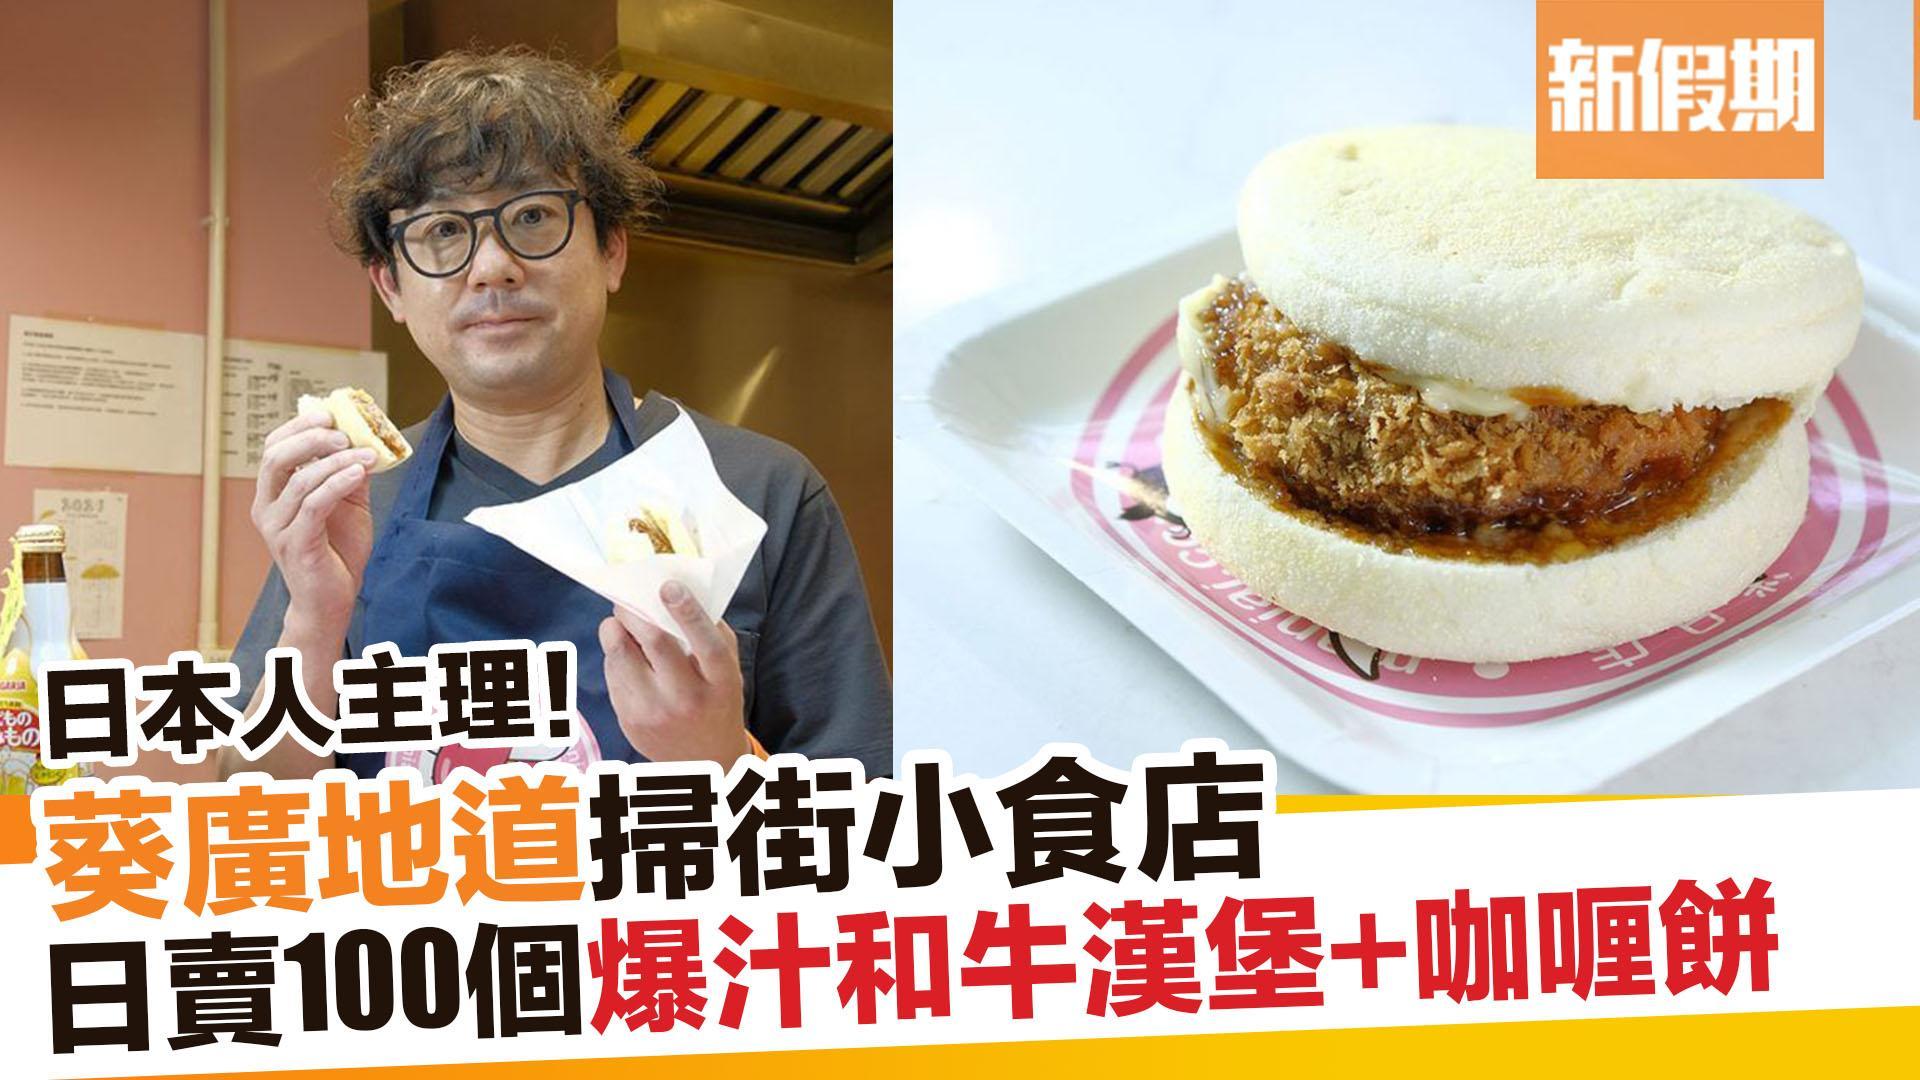 【外賣食乜好】日本人主理 葵涌廣場日本掃街小食店!Juicy和牛漢堡+拉絲炸芝士+串燒丸子 新假期